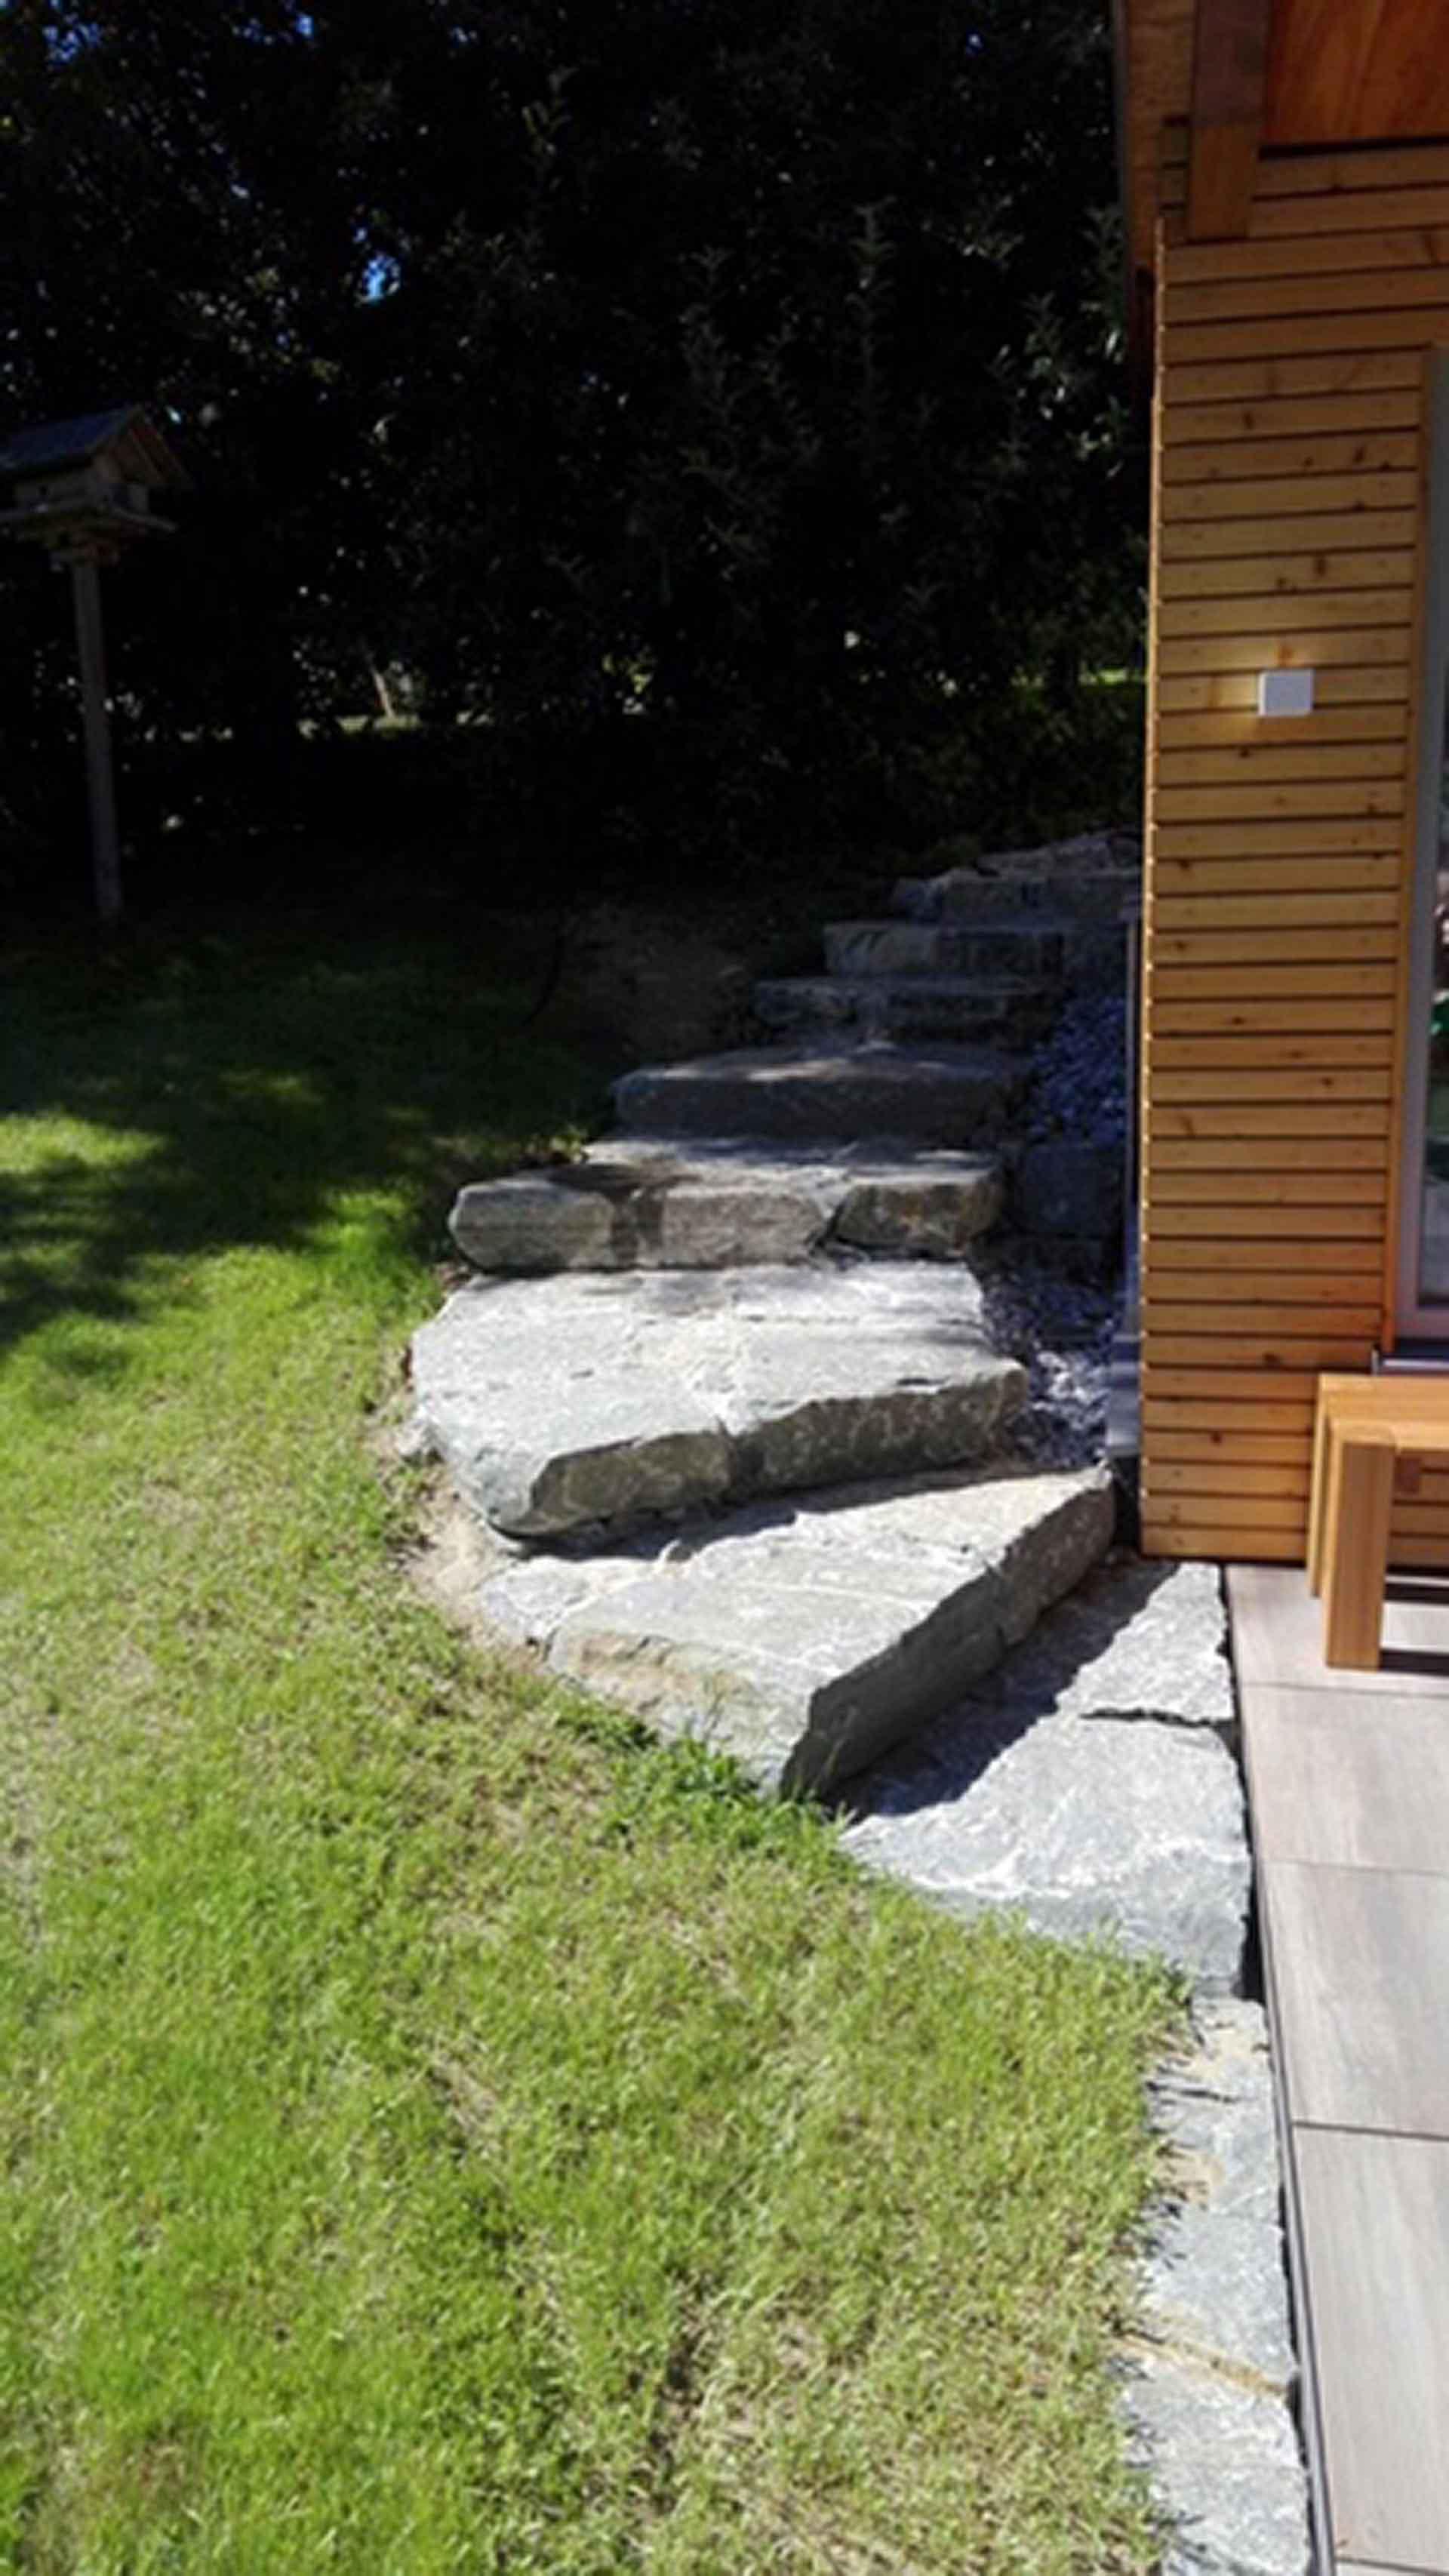 Trittstufen, Stiegen, Aufgang, Gehweg, Platten, Natursteinplatten